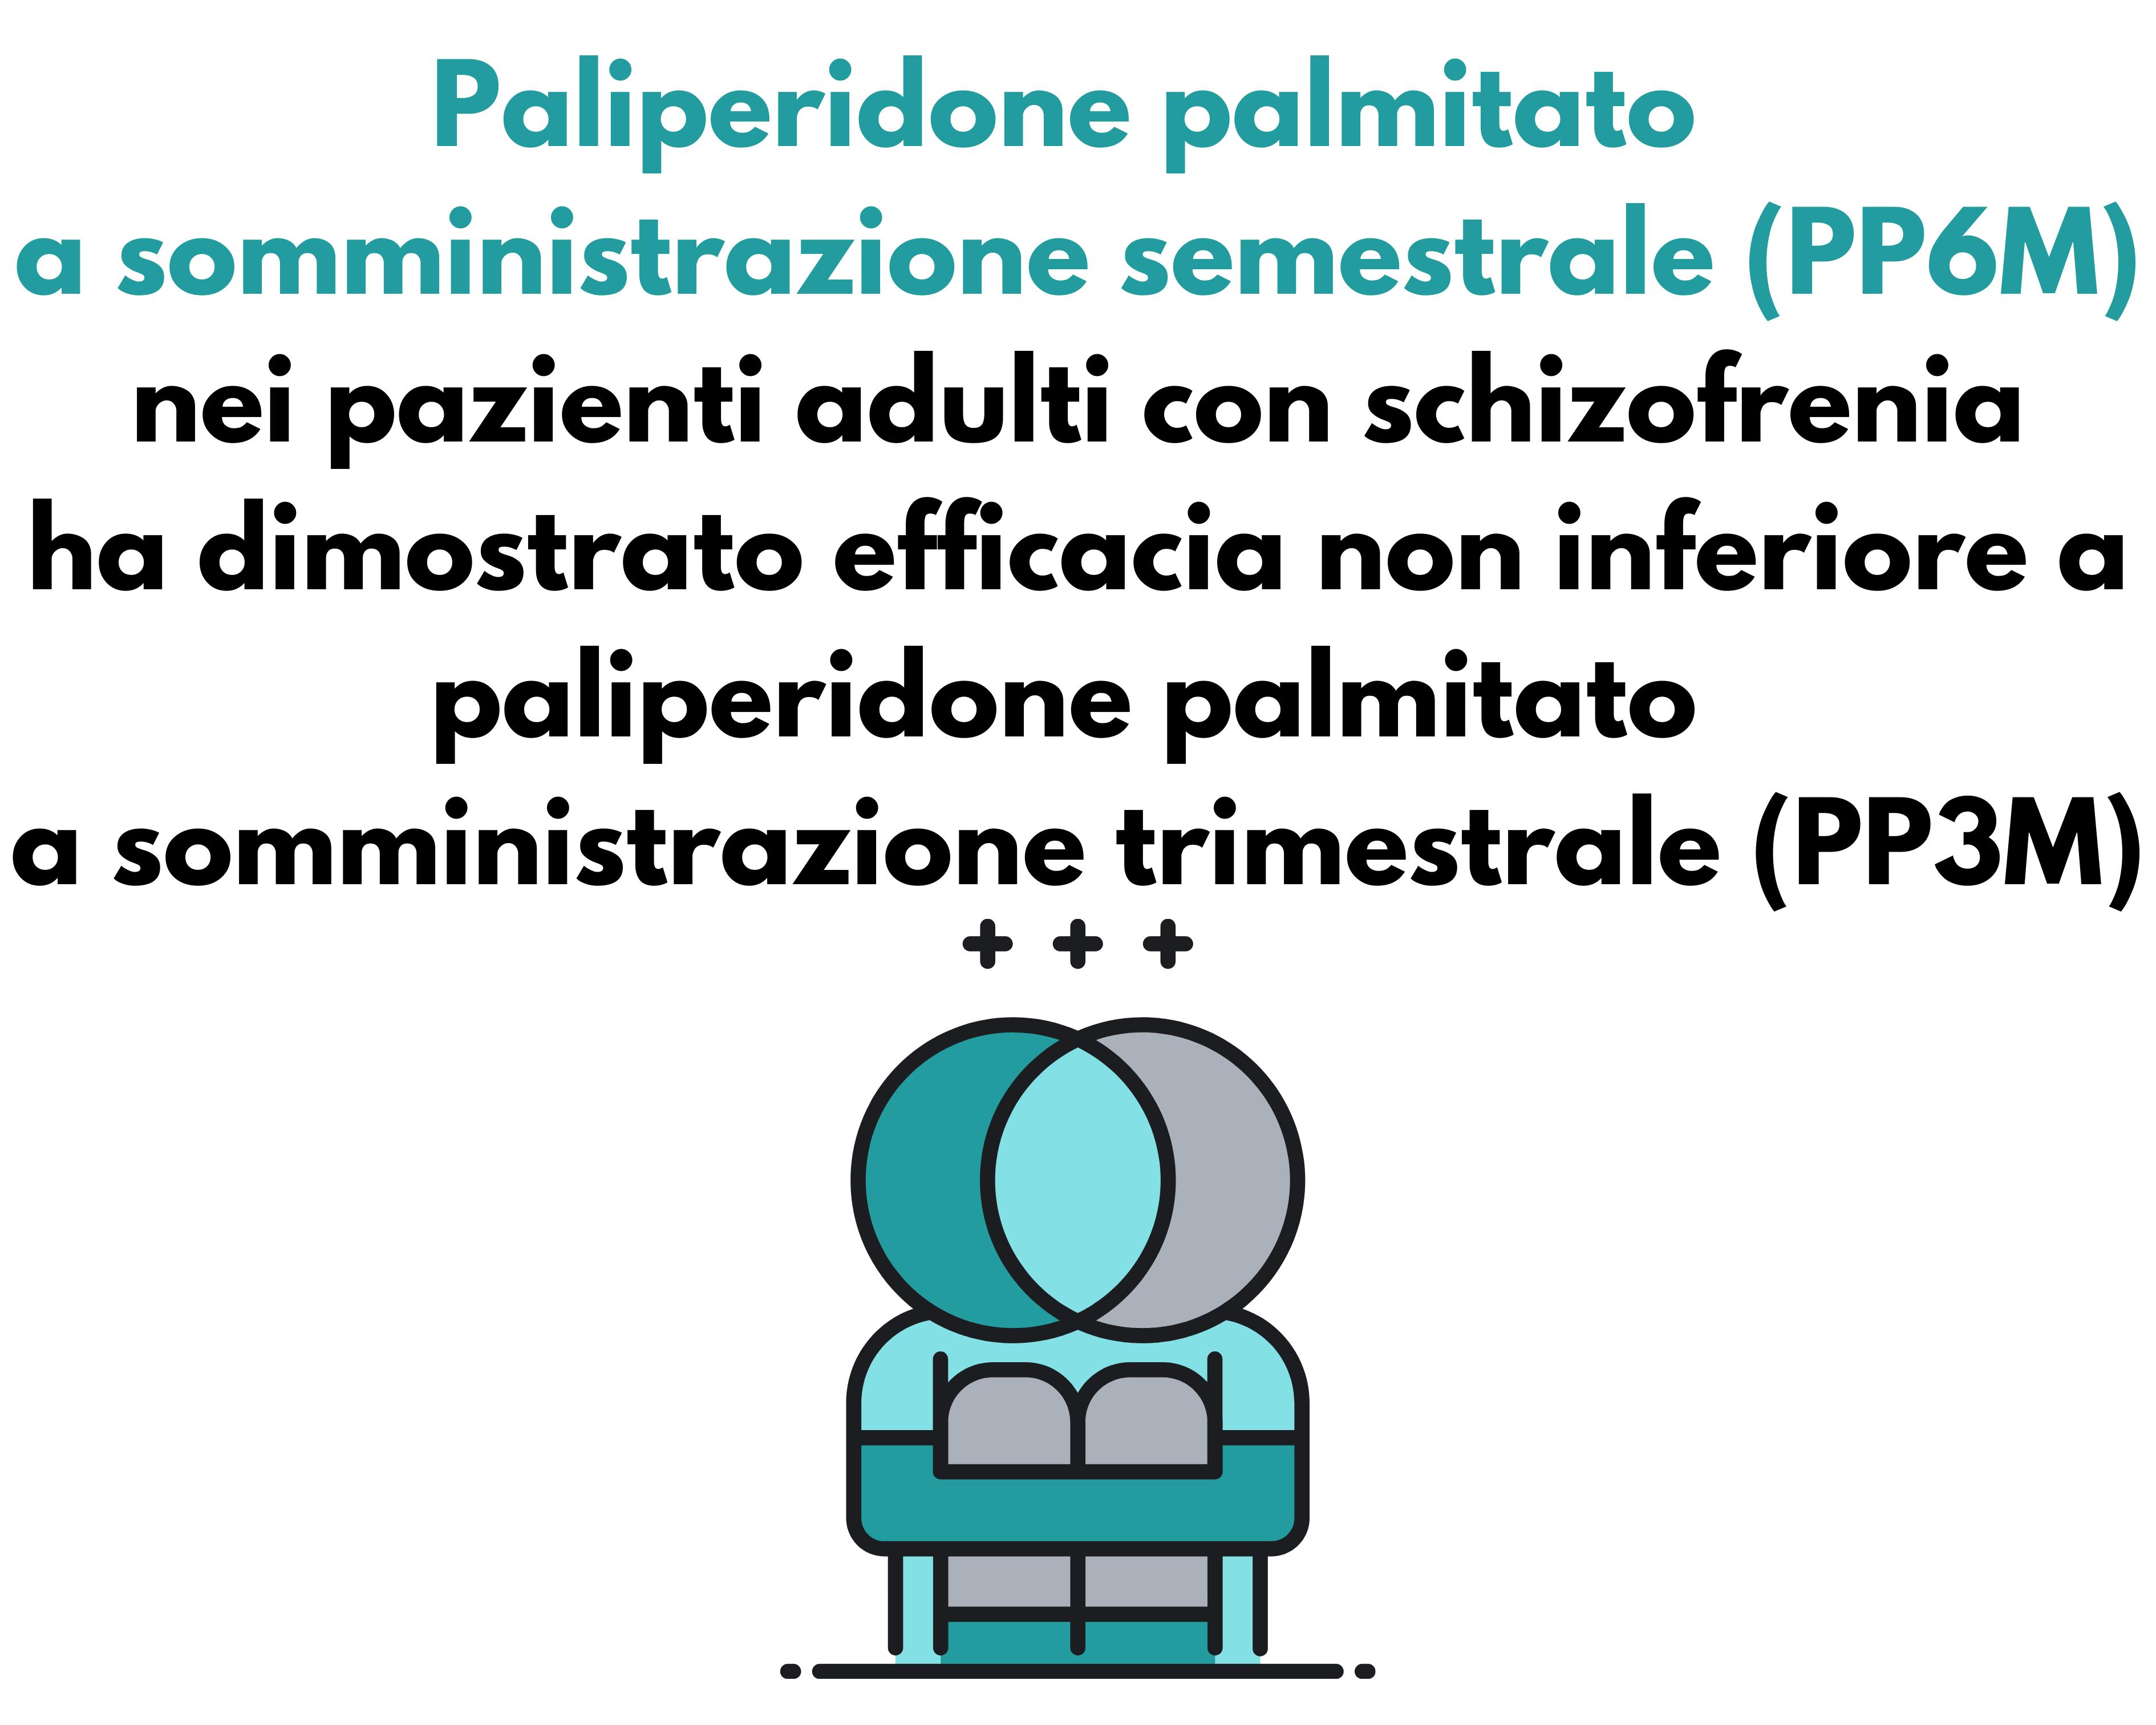 Richiesta estensione di AIC all'EMA per PP6M per la schizofrenia